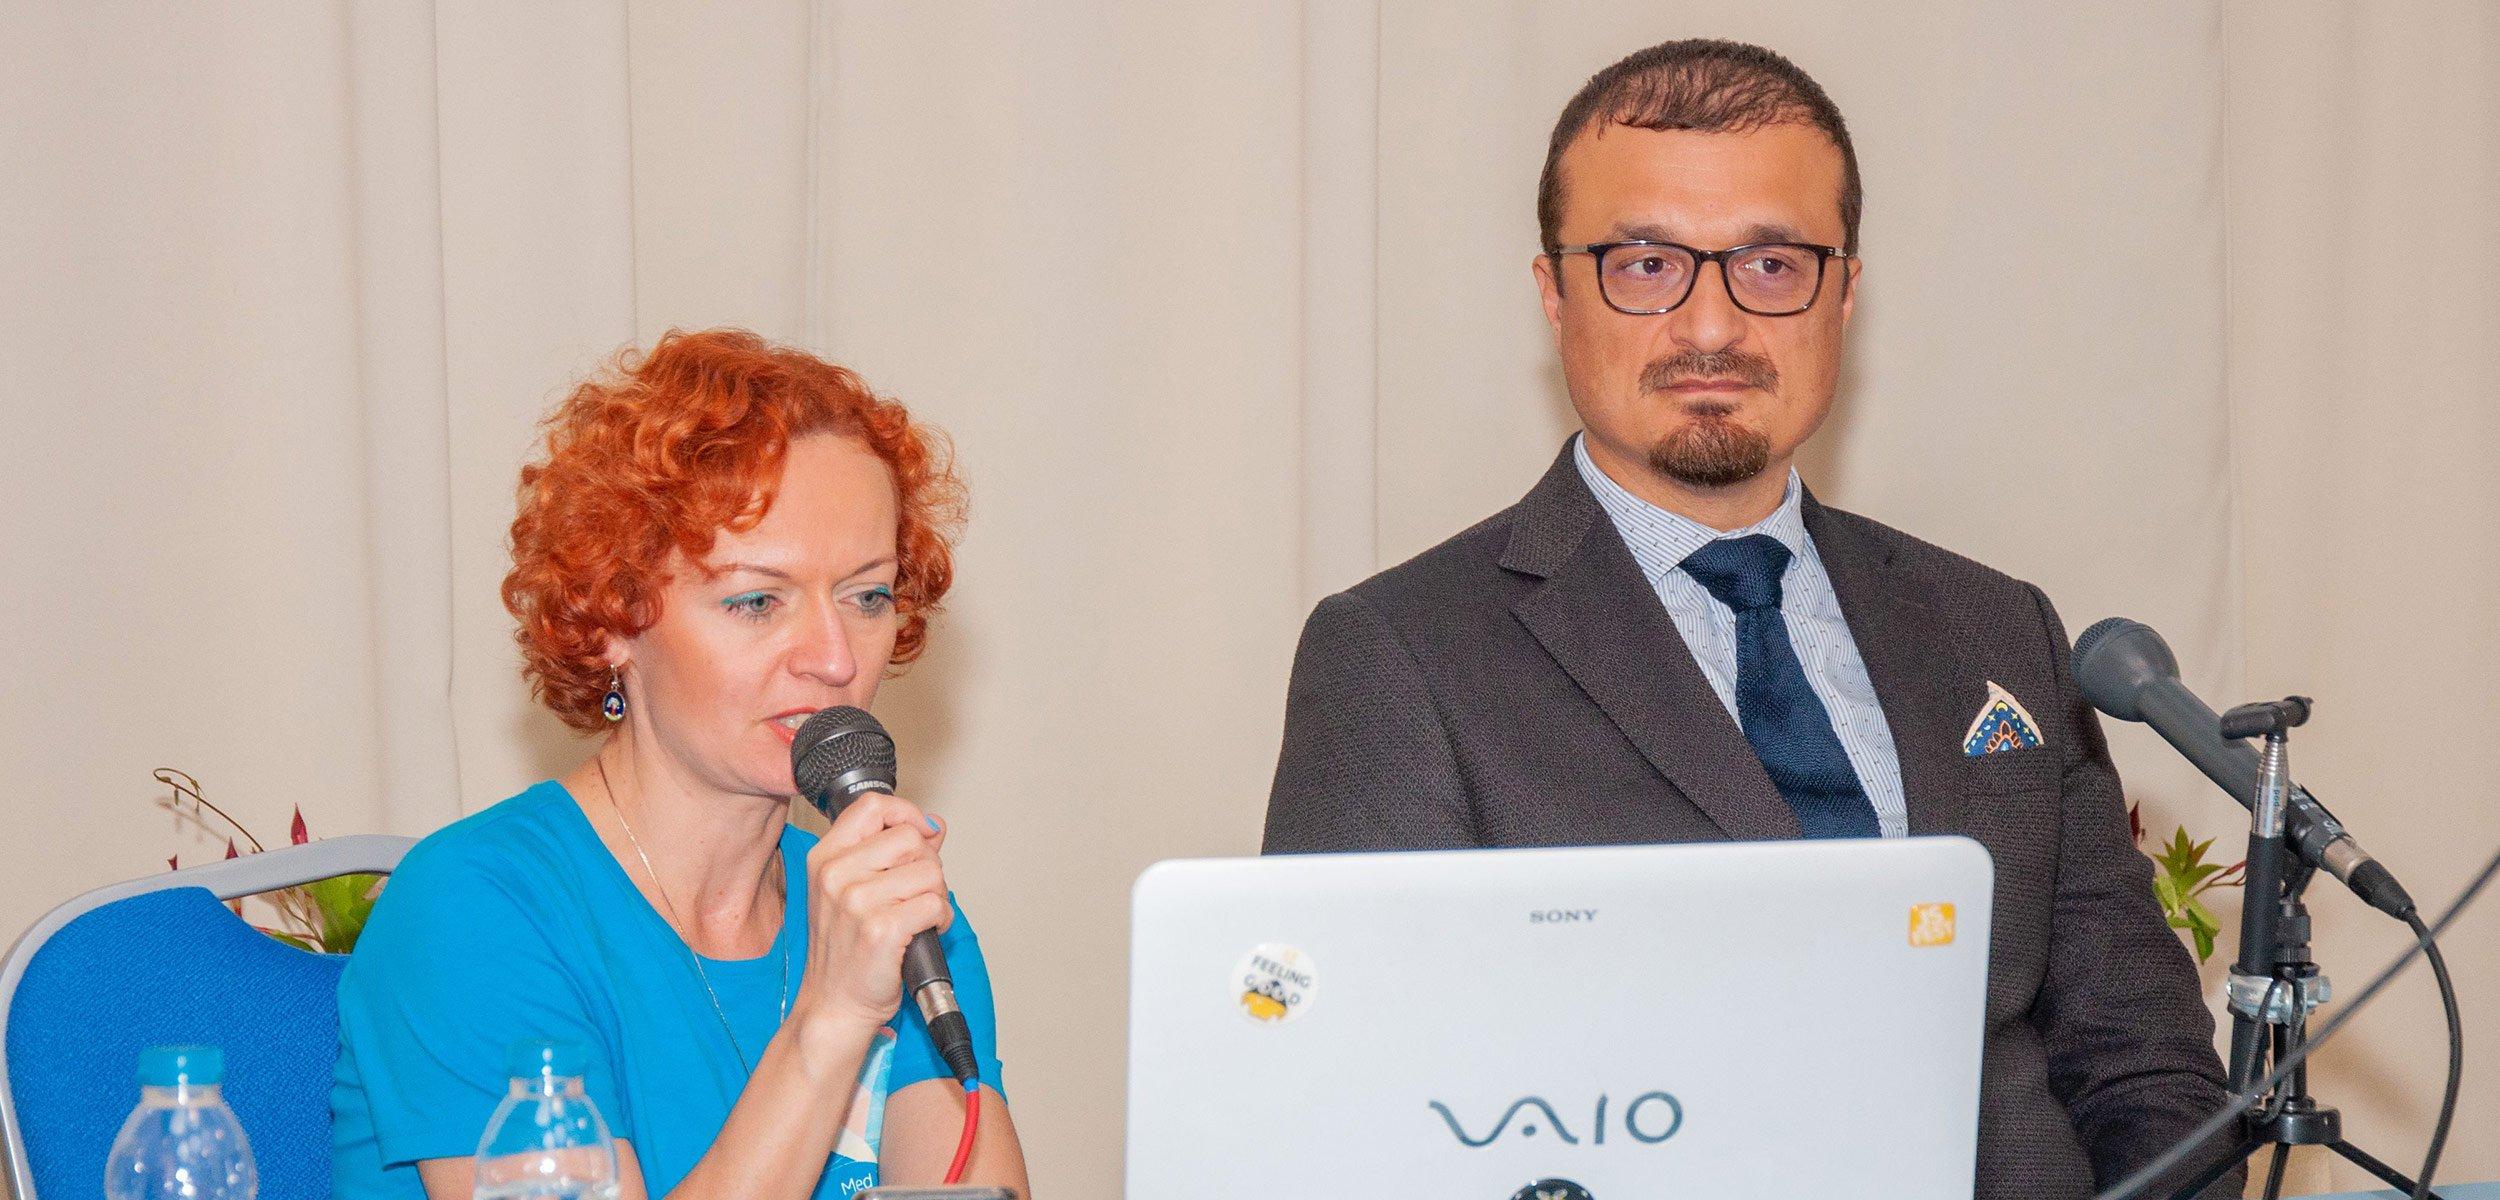 MedTour Journey 3.0 - конференція та нетворкінг «Супровід пацієнта:міжнародний досвід» Болгарія